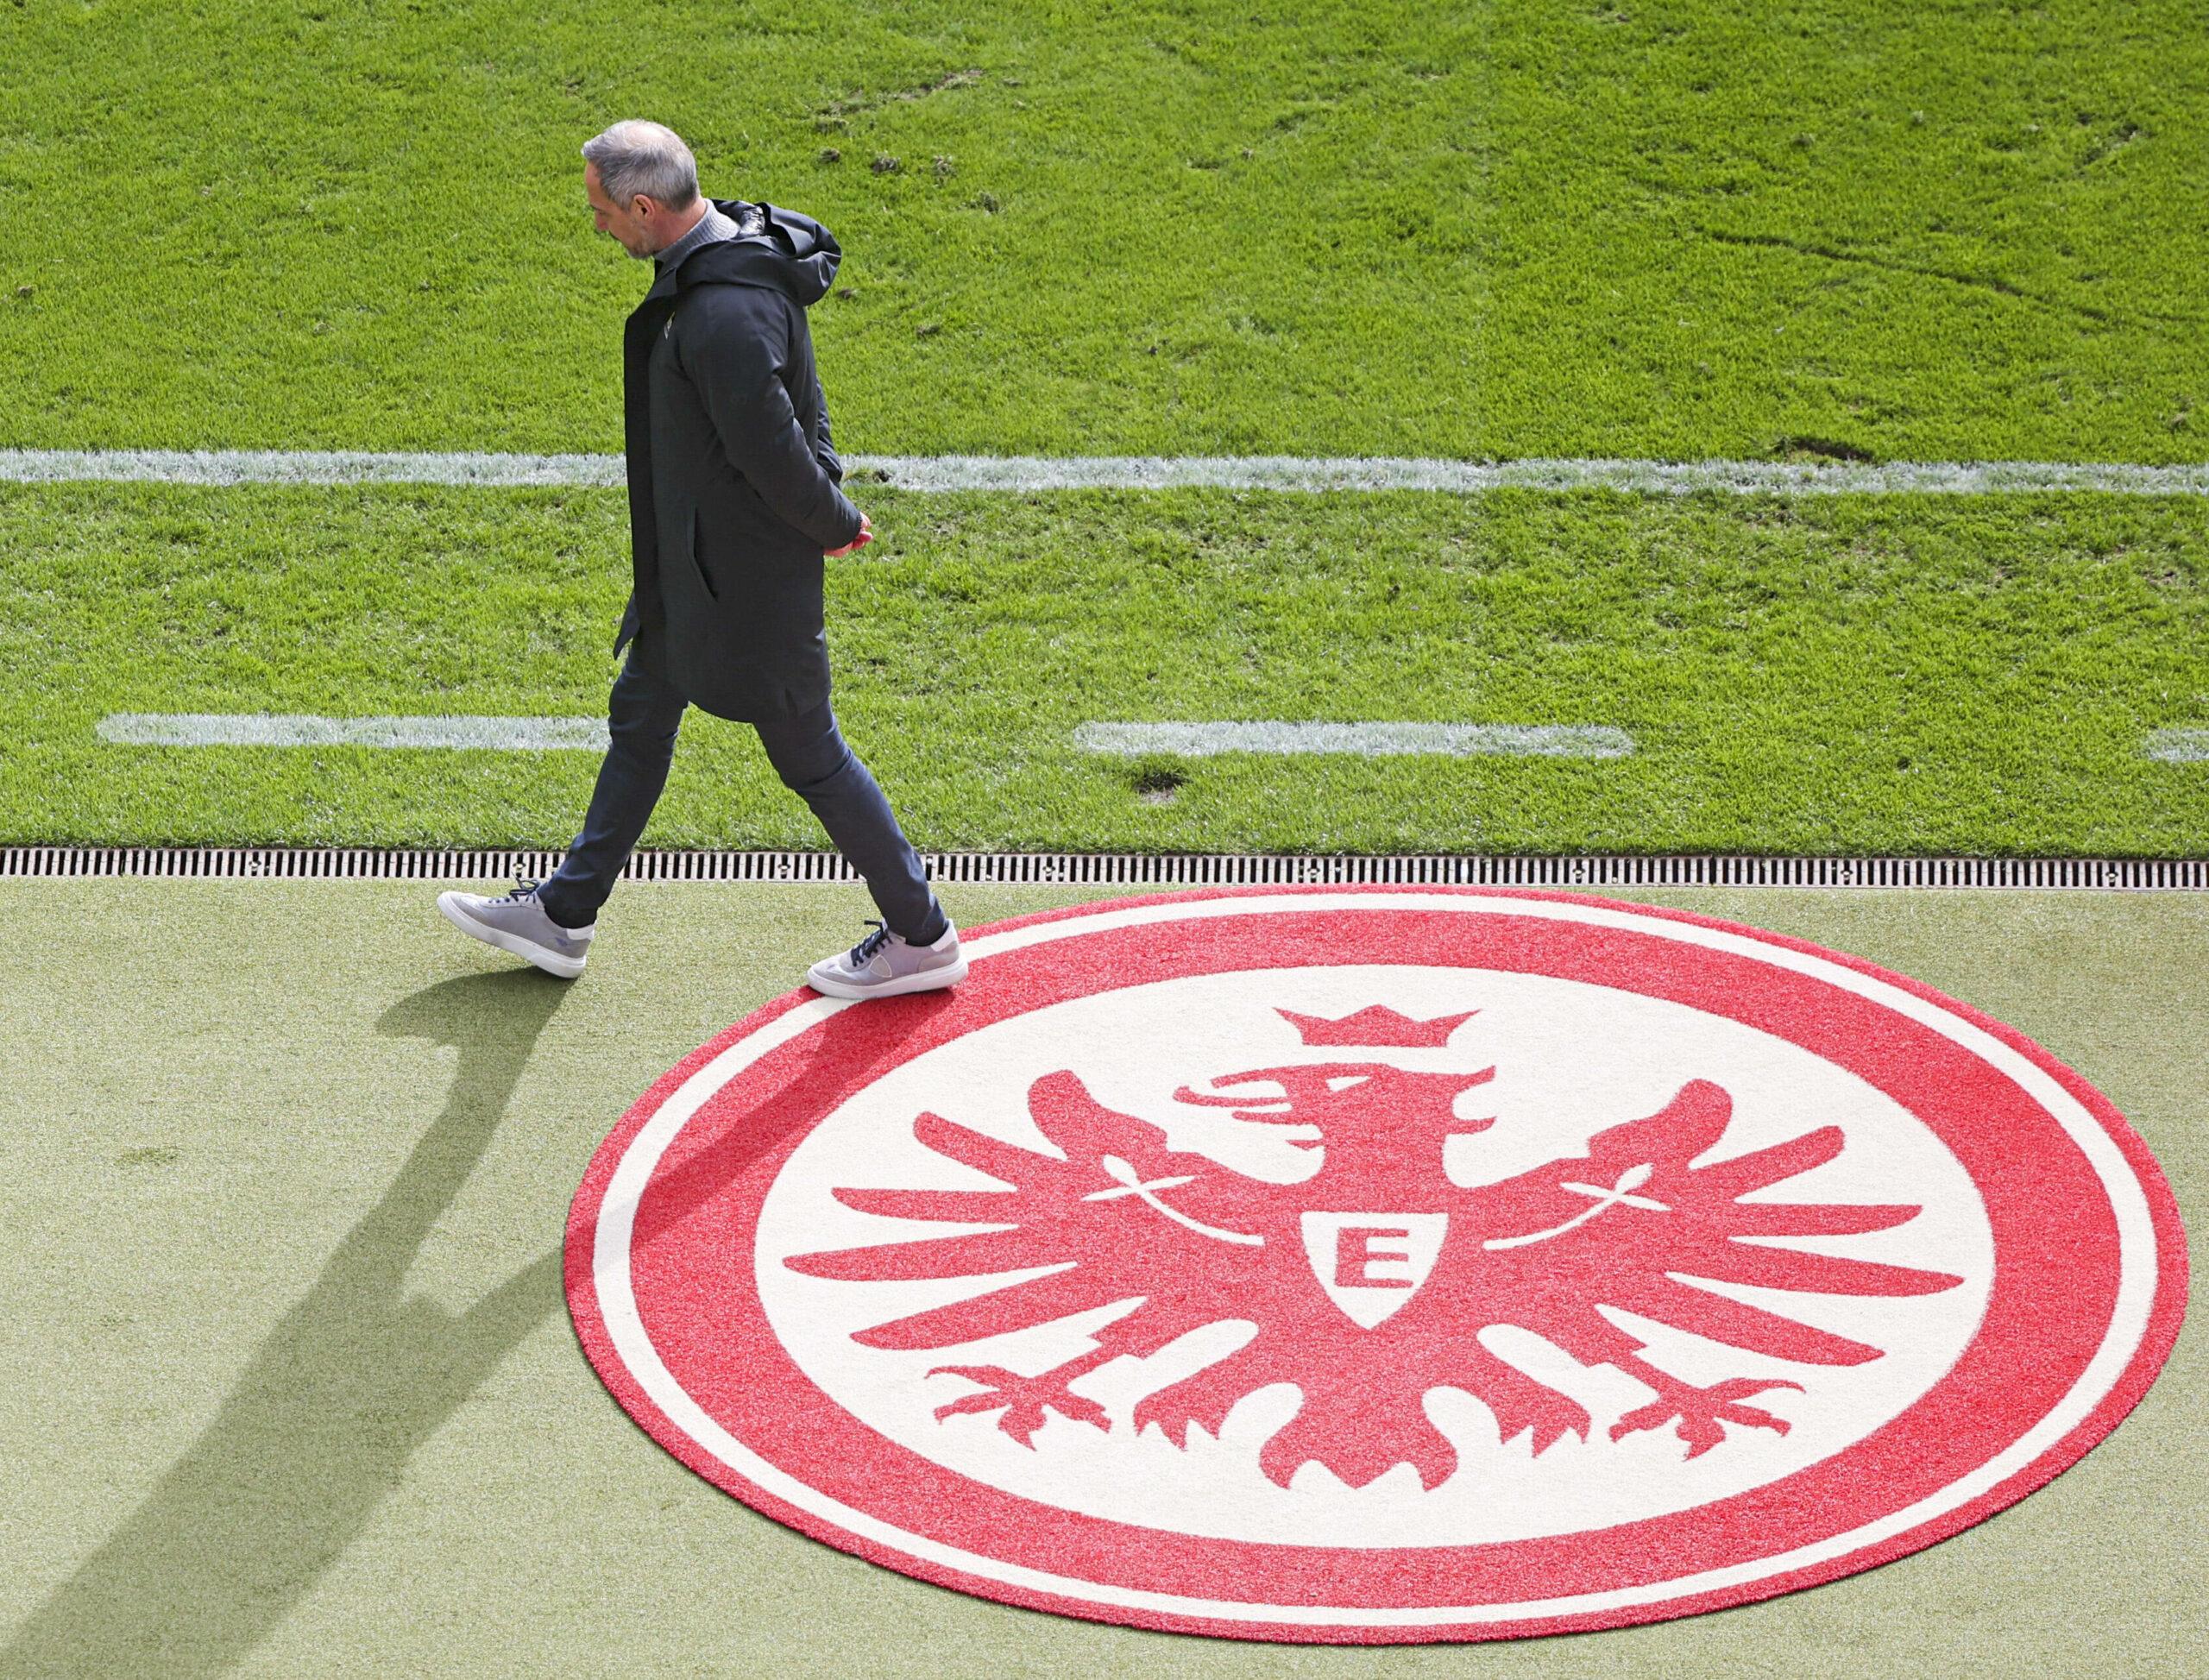 Wechselt Adi Hütter von Eintracht Frankfurt zu Gladbach?